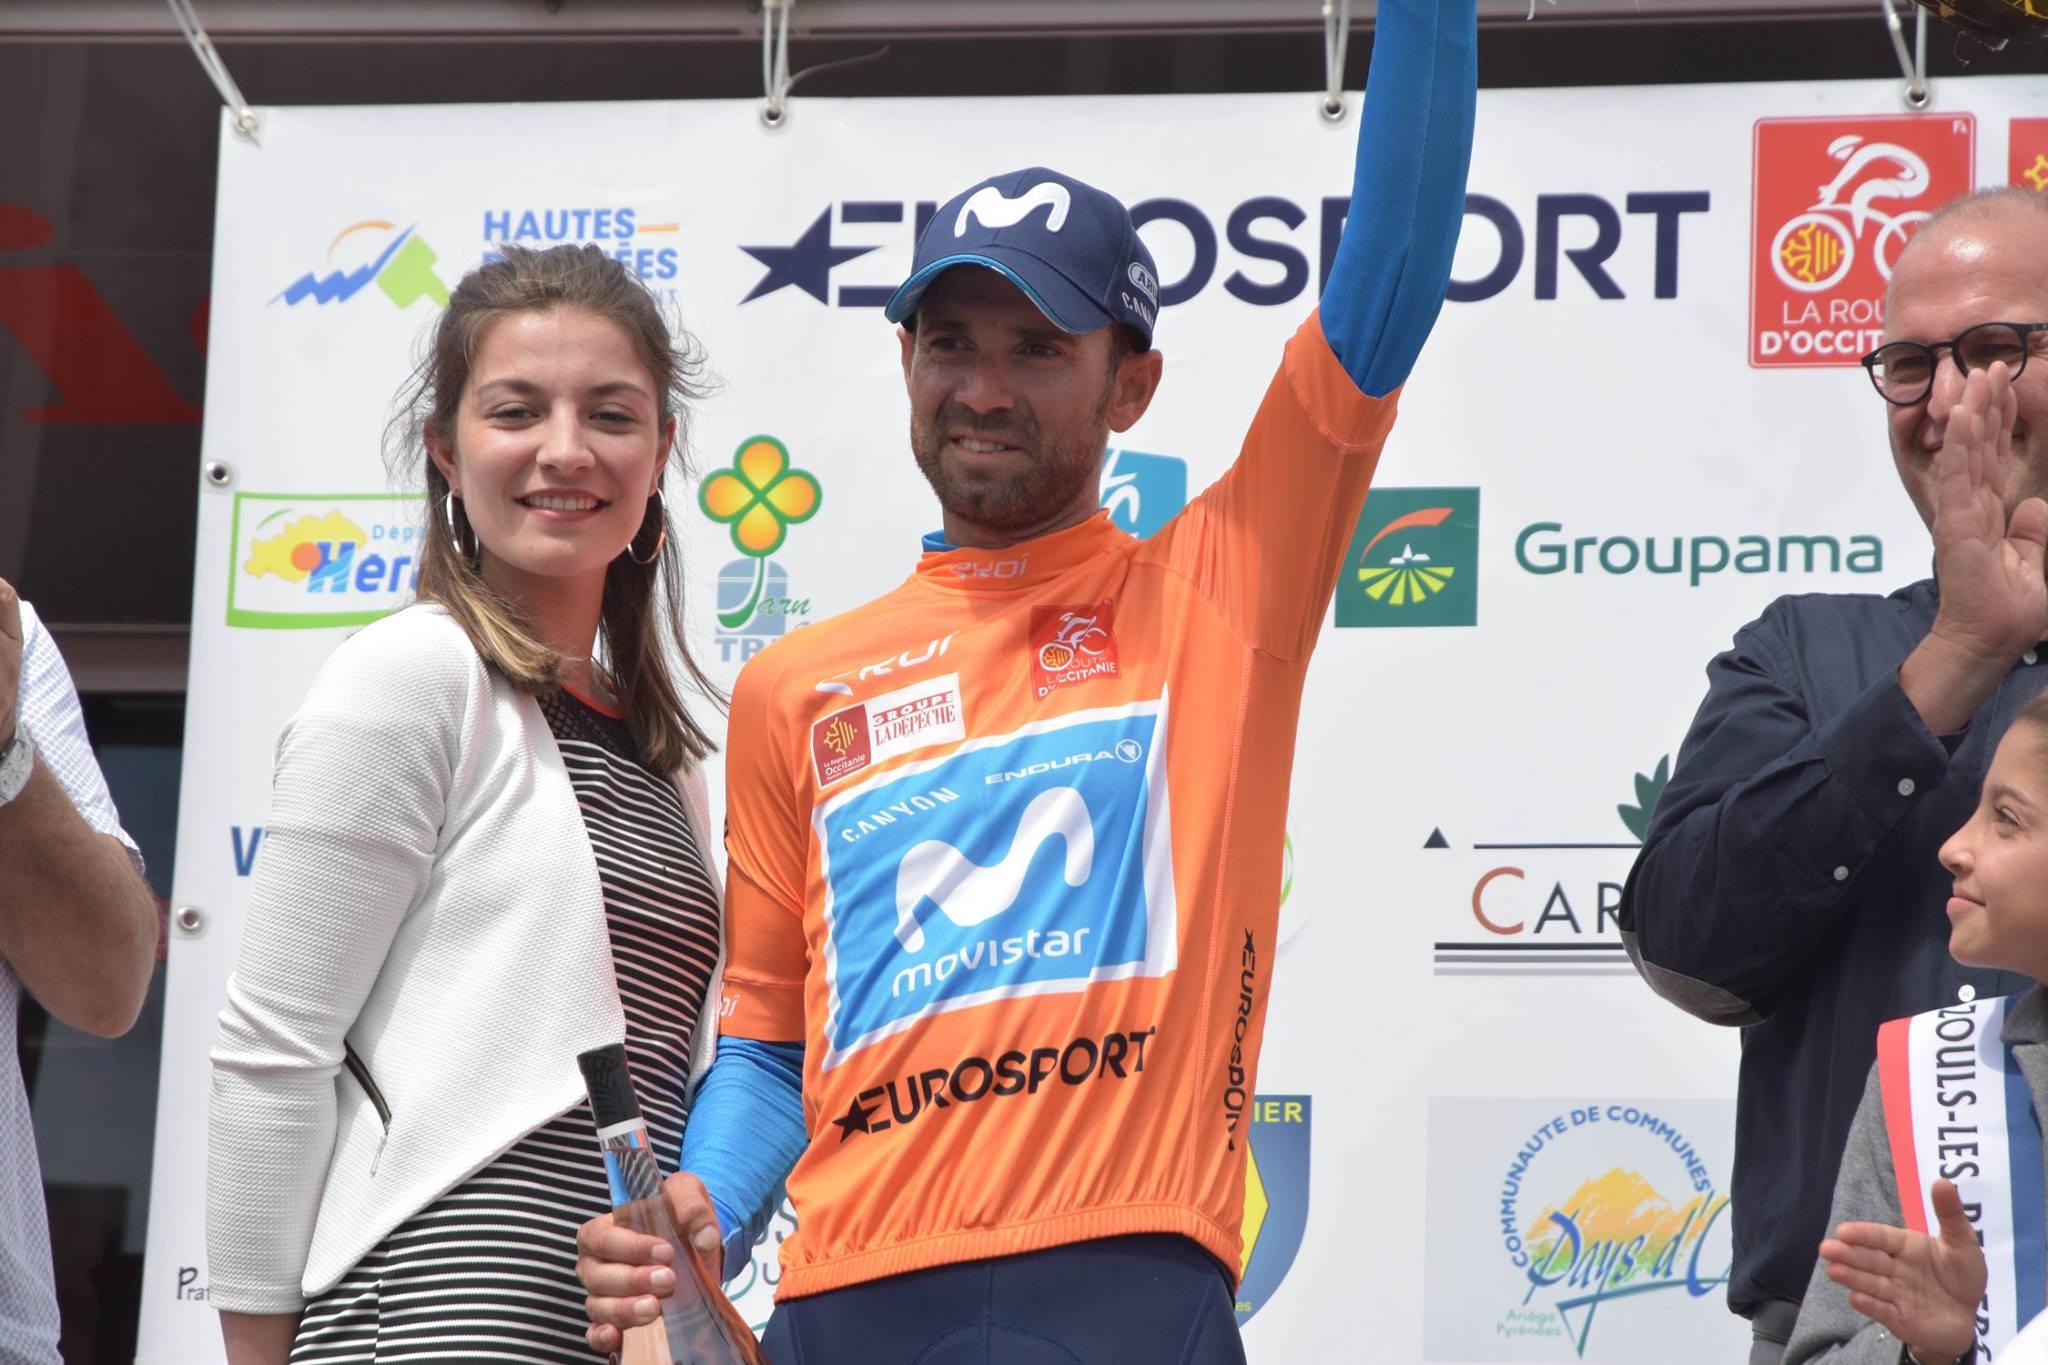 Alejandro Valverde vince La Route d'Occitanie 2018